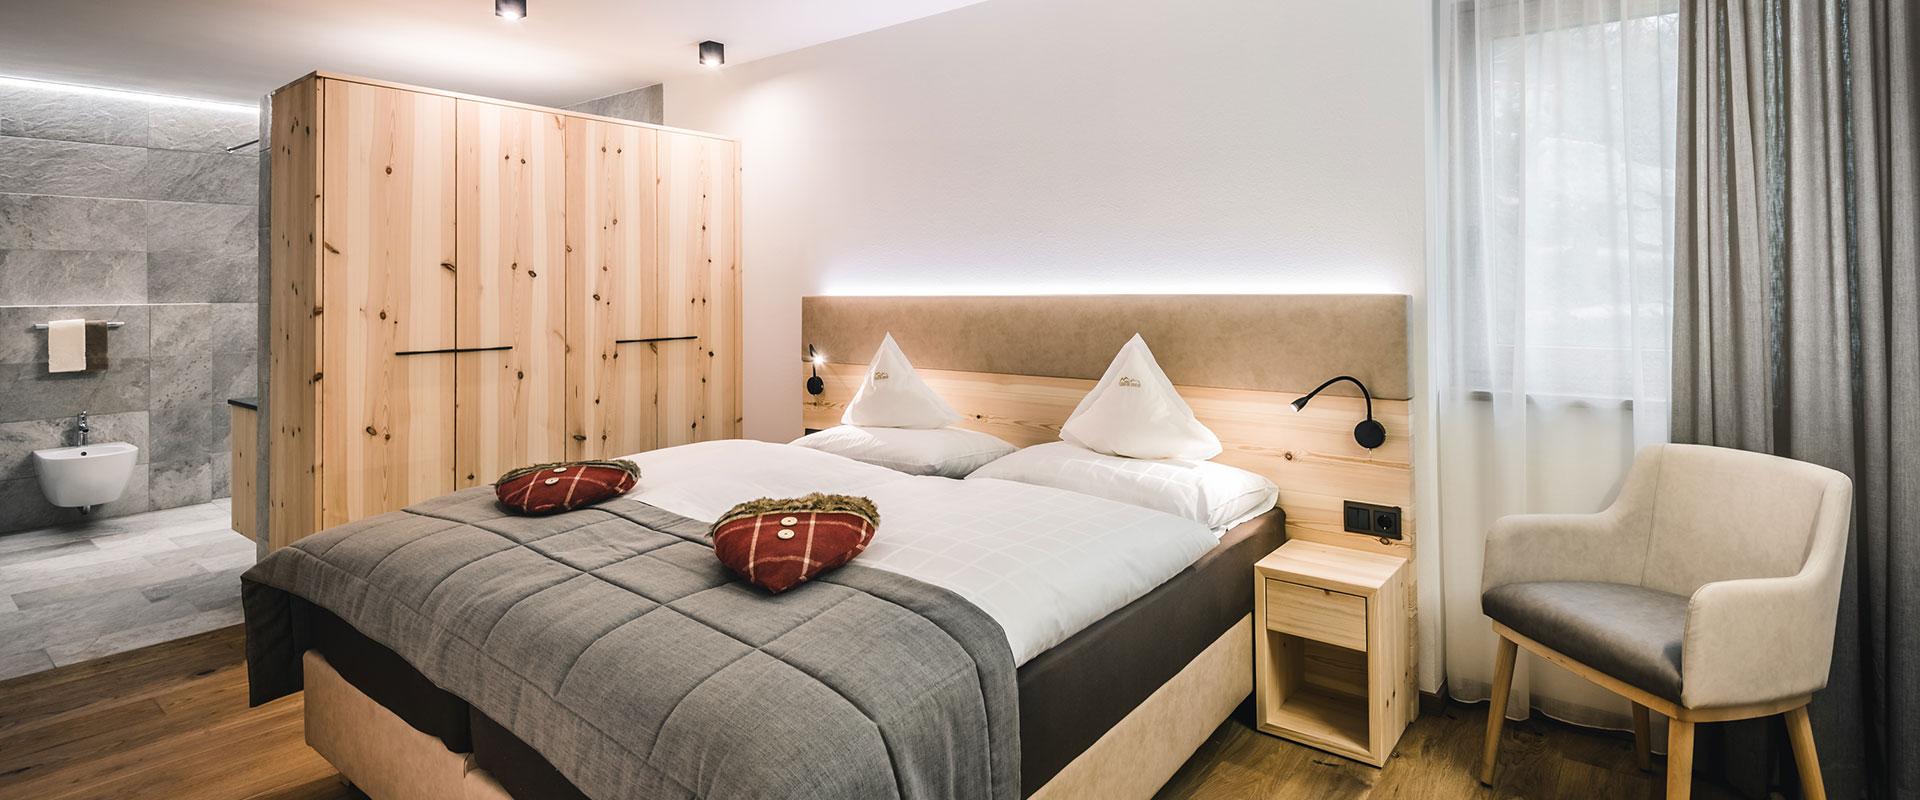 Appartamento Barantl Colfosco